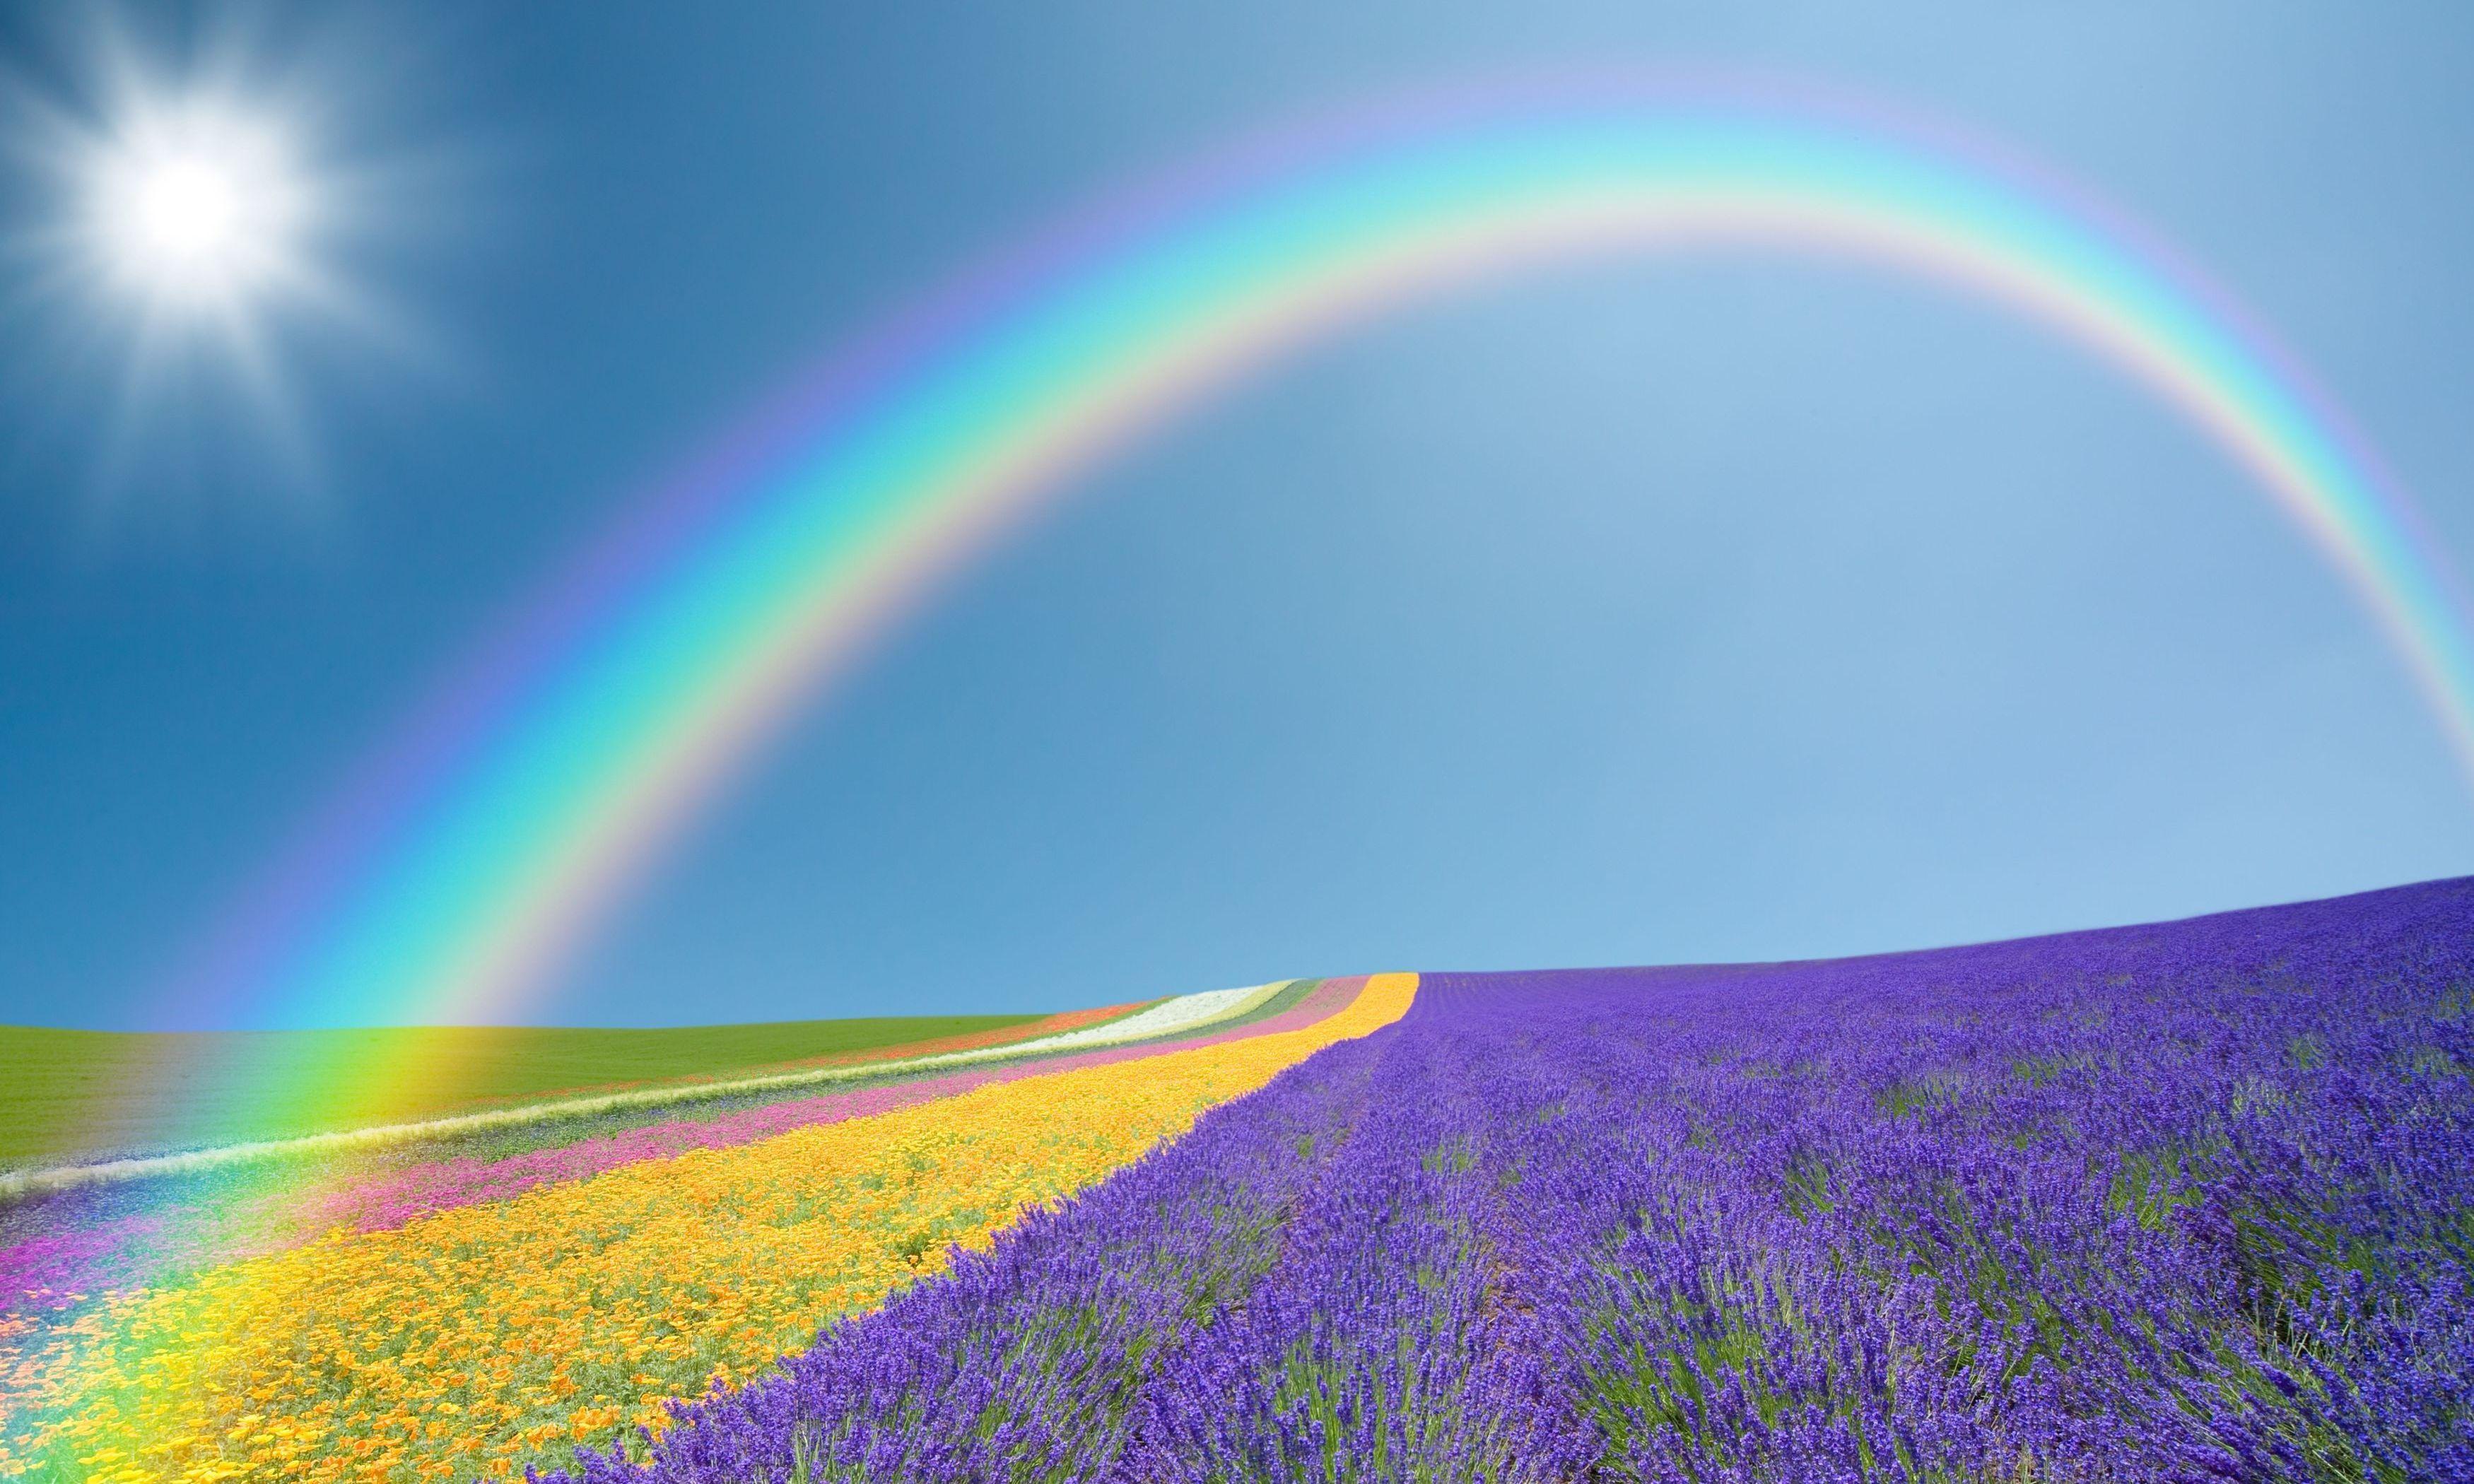 картинки с яркой радугой классных фотоэкспериментов над